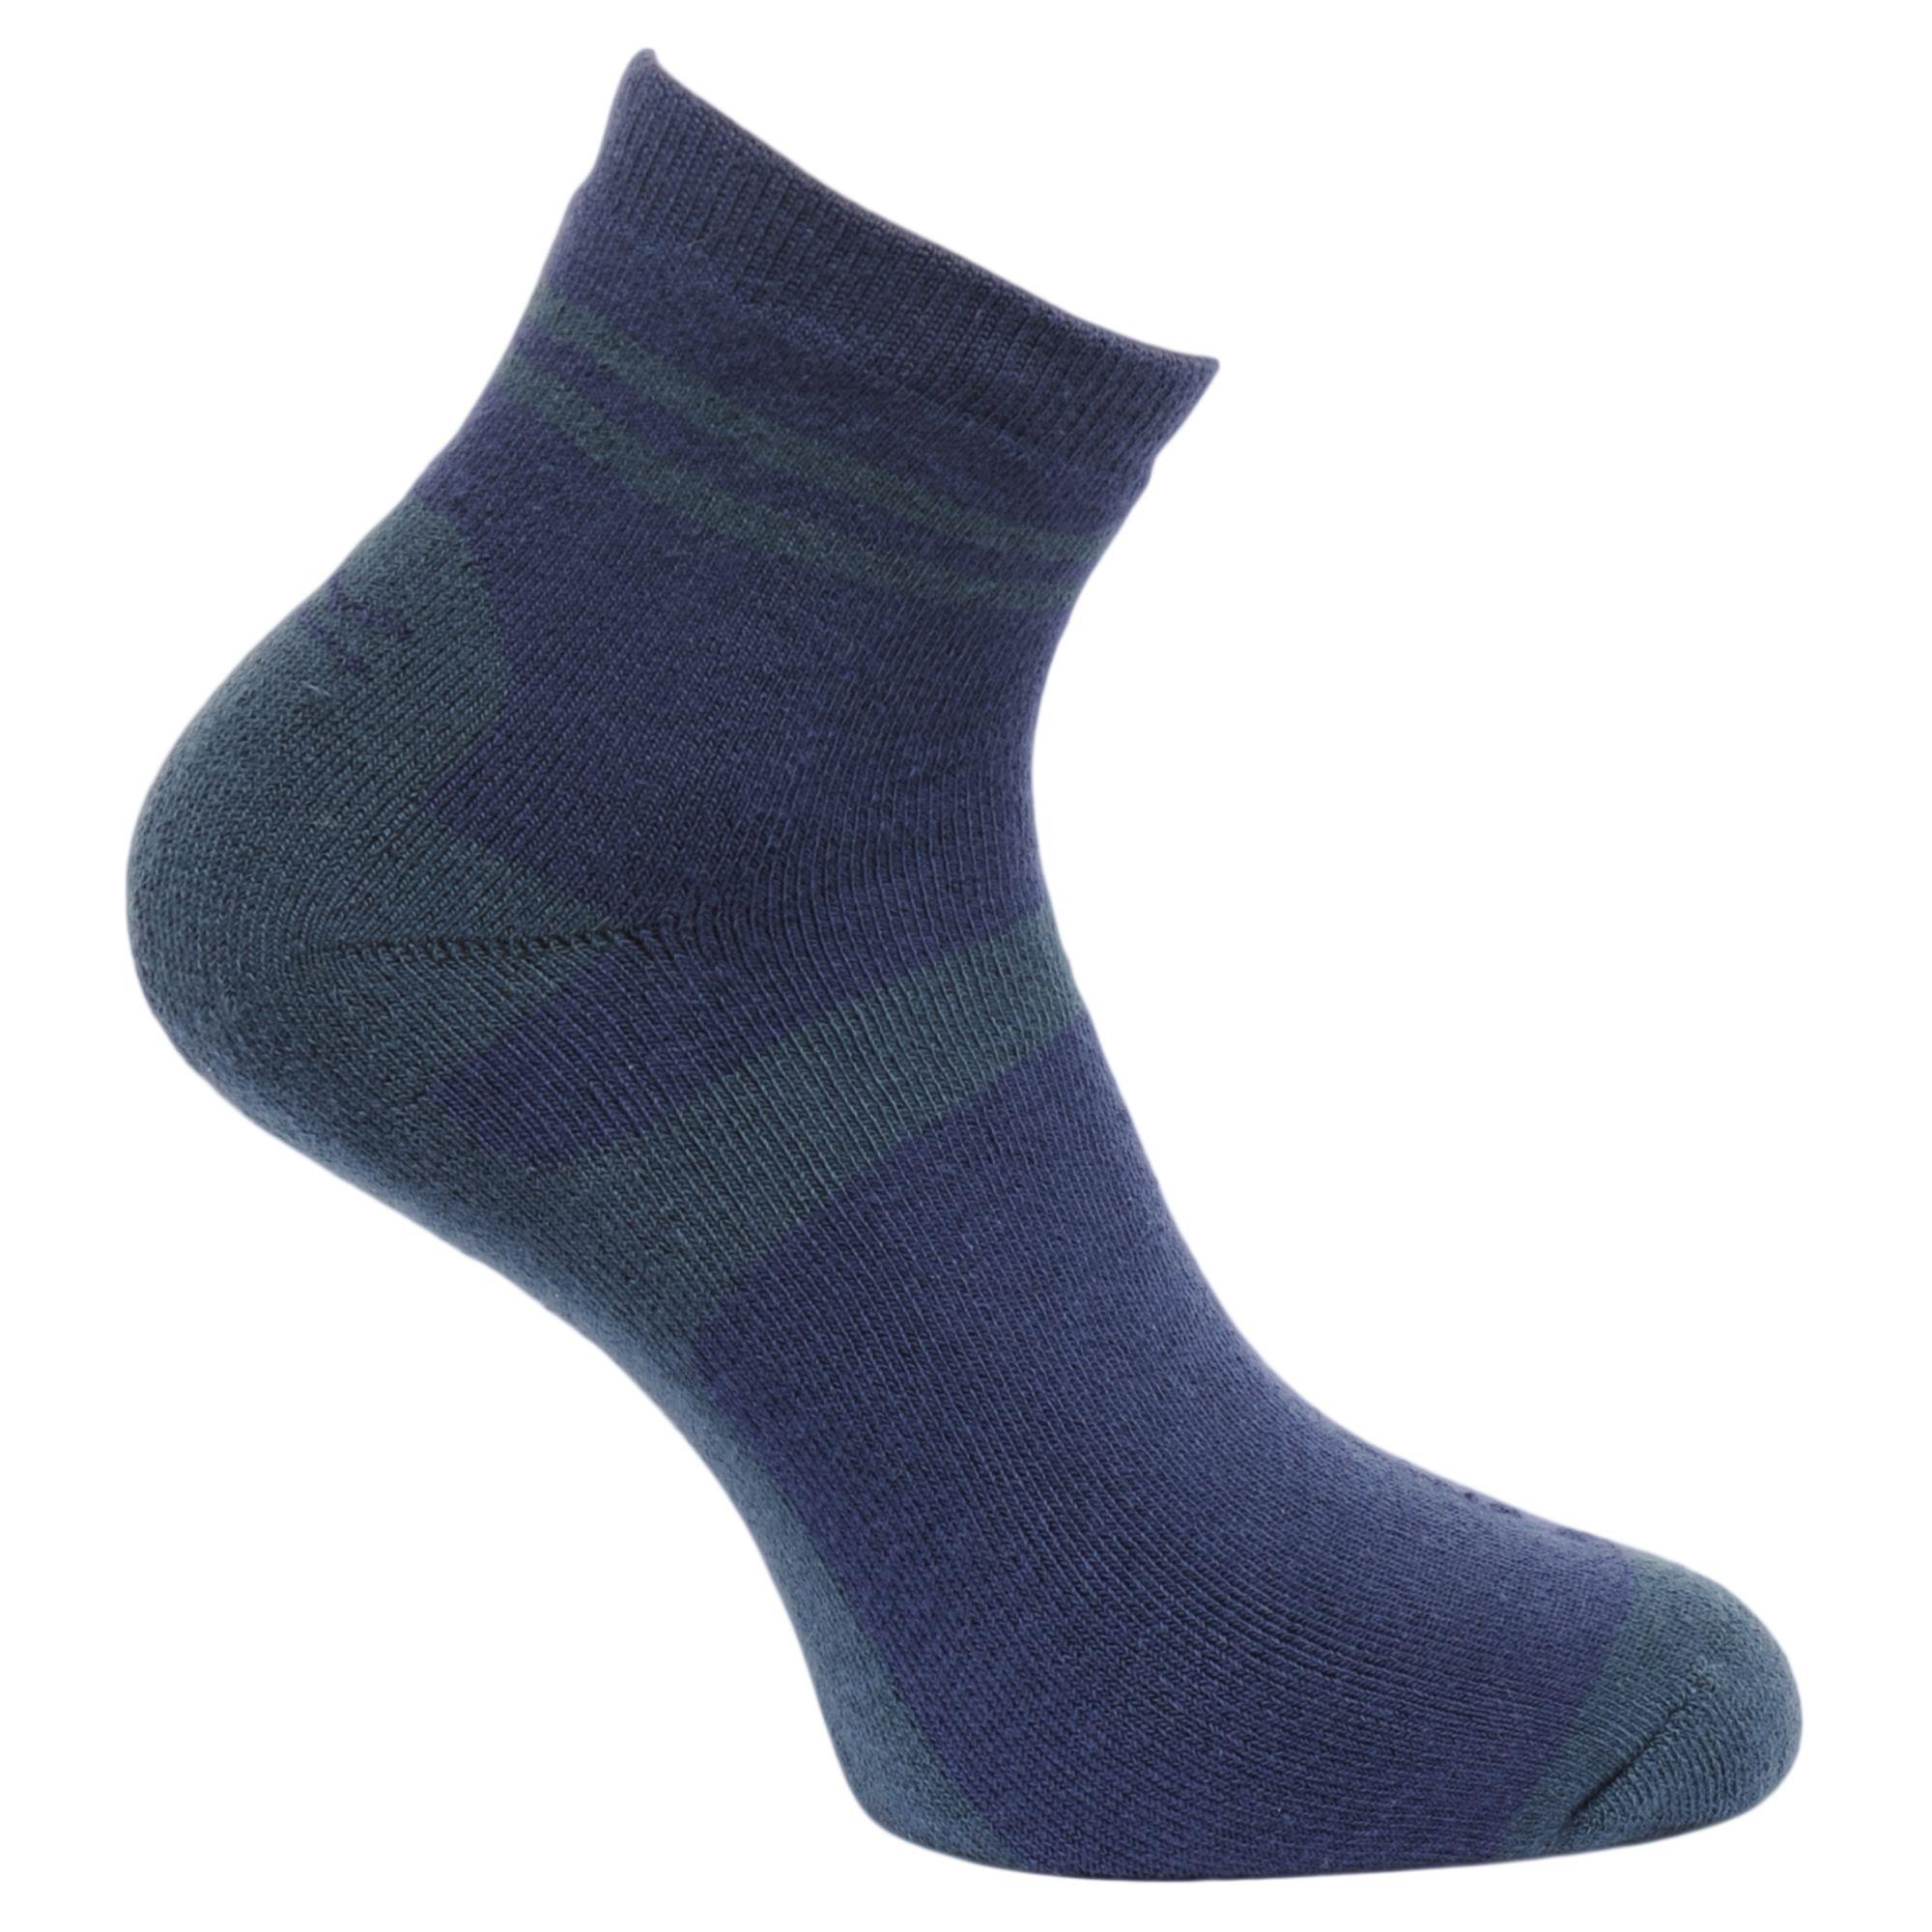 Regatta-Lifestyle-Chaussettes-de-randonnee-lot-de-3-paires-Homme-RG791 miniature 9